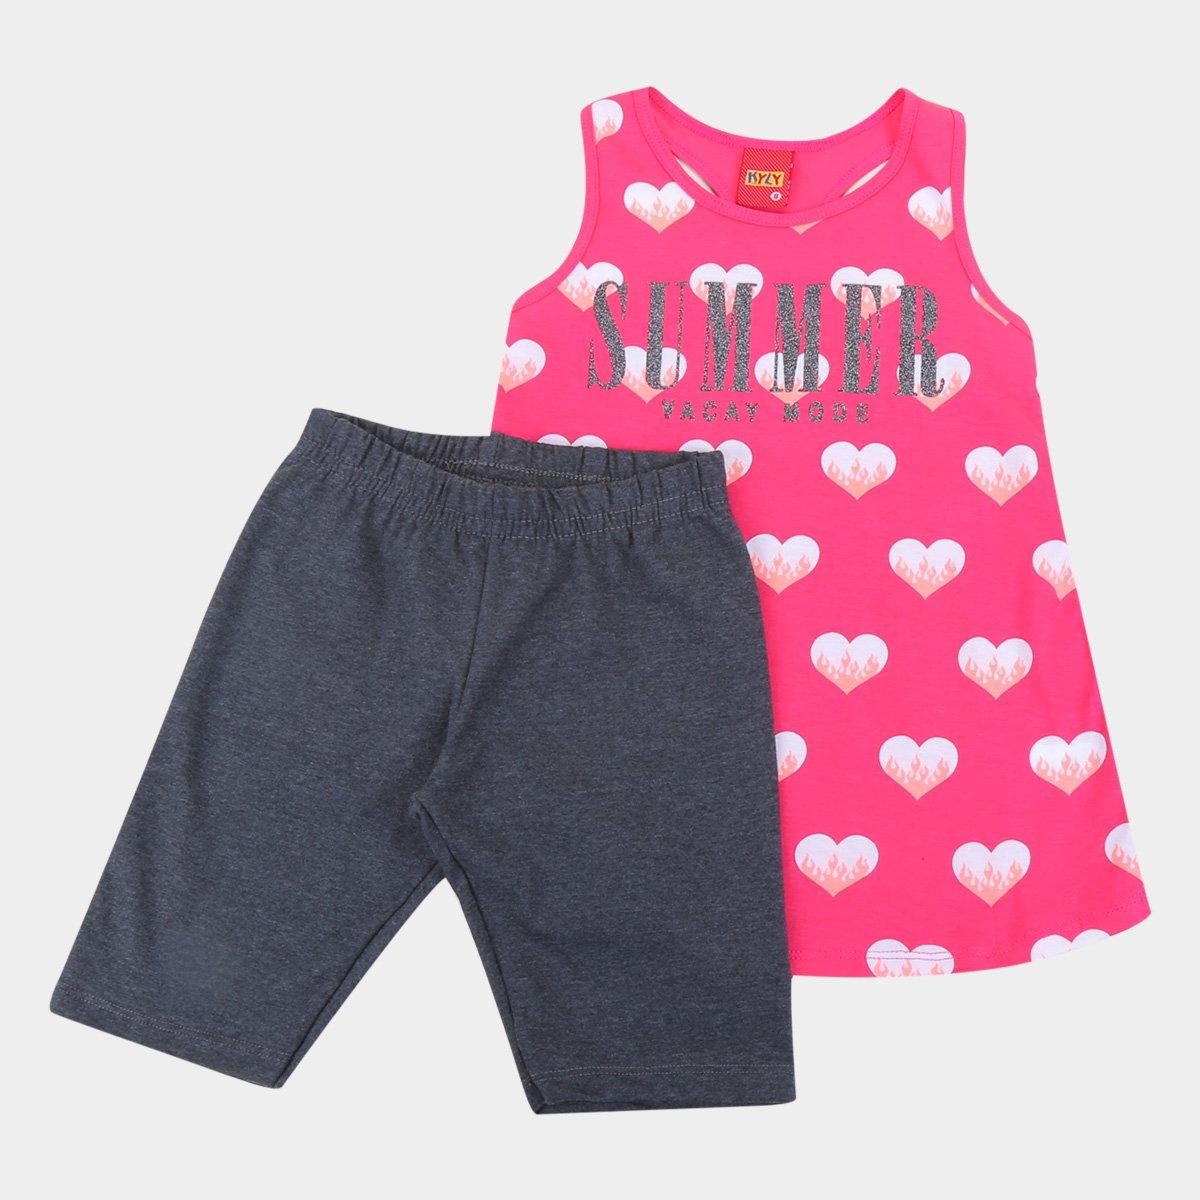 Conjunto Infantil Kyly Summer Mode Feminino